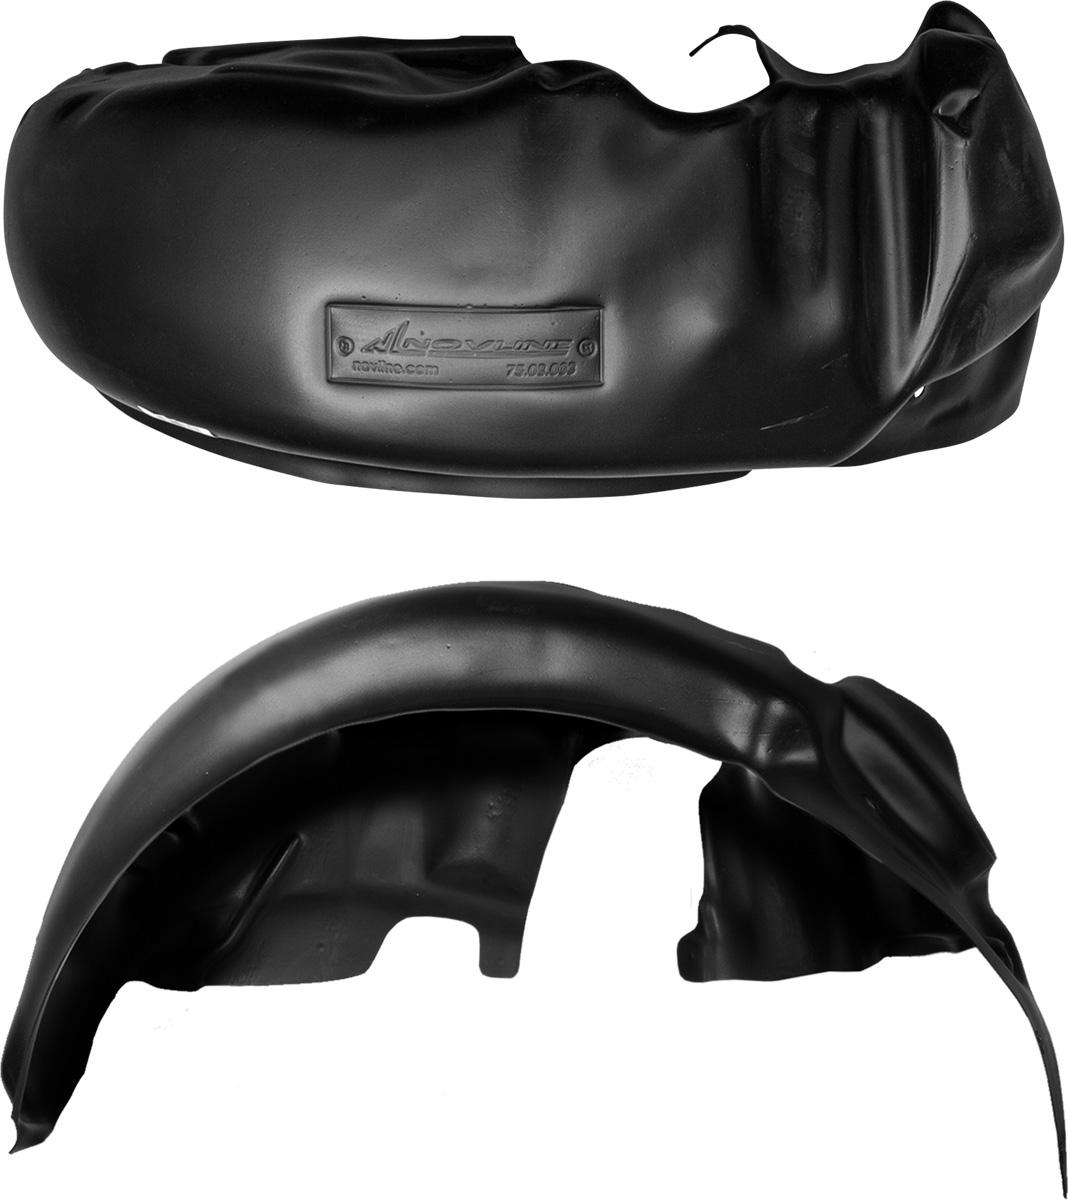 Подкрылок RENAULT Duster 4X4, 05/2015->, задний правыйK100Колесные ниши – одни из самых уязвимых зон днища вашего автомобиля. Они постоянно подвергаются воздействию со стороны дороги. Лучшая, почти абсолютная защита для них - специально отформованные пластиковые кожухи, которые называются подкрылками, или локерами. Производятся они как для отечественных моделей автомобилей, так и для иномарок. Подкрылки выполнены из высококачественного, экологически чистого пластика. Обеспечивают надежную защиту кузова автомобиля от пескоструйного эффекта и негативного влияния, агрессивных антигололедных реагентов. Пластик обладает более низкой теплопроводностью, чем металл, поэтому в зимний период эксплуатации использование пластиковых подкрылков позволяет лучше защитить колесные ниши от налипания снега и образования наледи. Оригинальность конструкции подчеркивает элегантность автомобиля, бережно защищает нанесенное на днище кузова антикоррозийное покрытие и позволяет осуществить крепление подкрылков внутри колесной арки практически без дополнительного крепежа и сверления, не нарушая при этом лакокрасочного покрытия, что предотвращает возникновение новых очагов коррозии. Технология крепления подкрылков на иномарки принципиально отличается от крепления на российские автомобили и разрабатывается индивидуально для каждой модели автомобиля. Подкрылки долговечны, обладают высокой прочностью и сохраняют заданную форму, а также все свои физико-механические характеристики в самых тяжелых климатических условиях ( от -50° С до + 50° С).